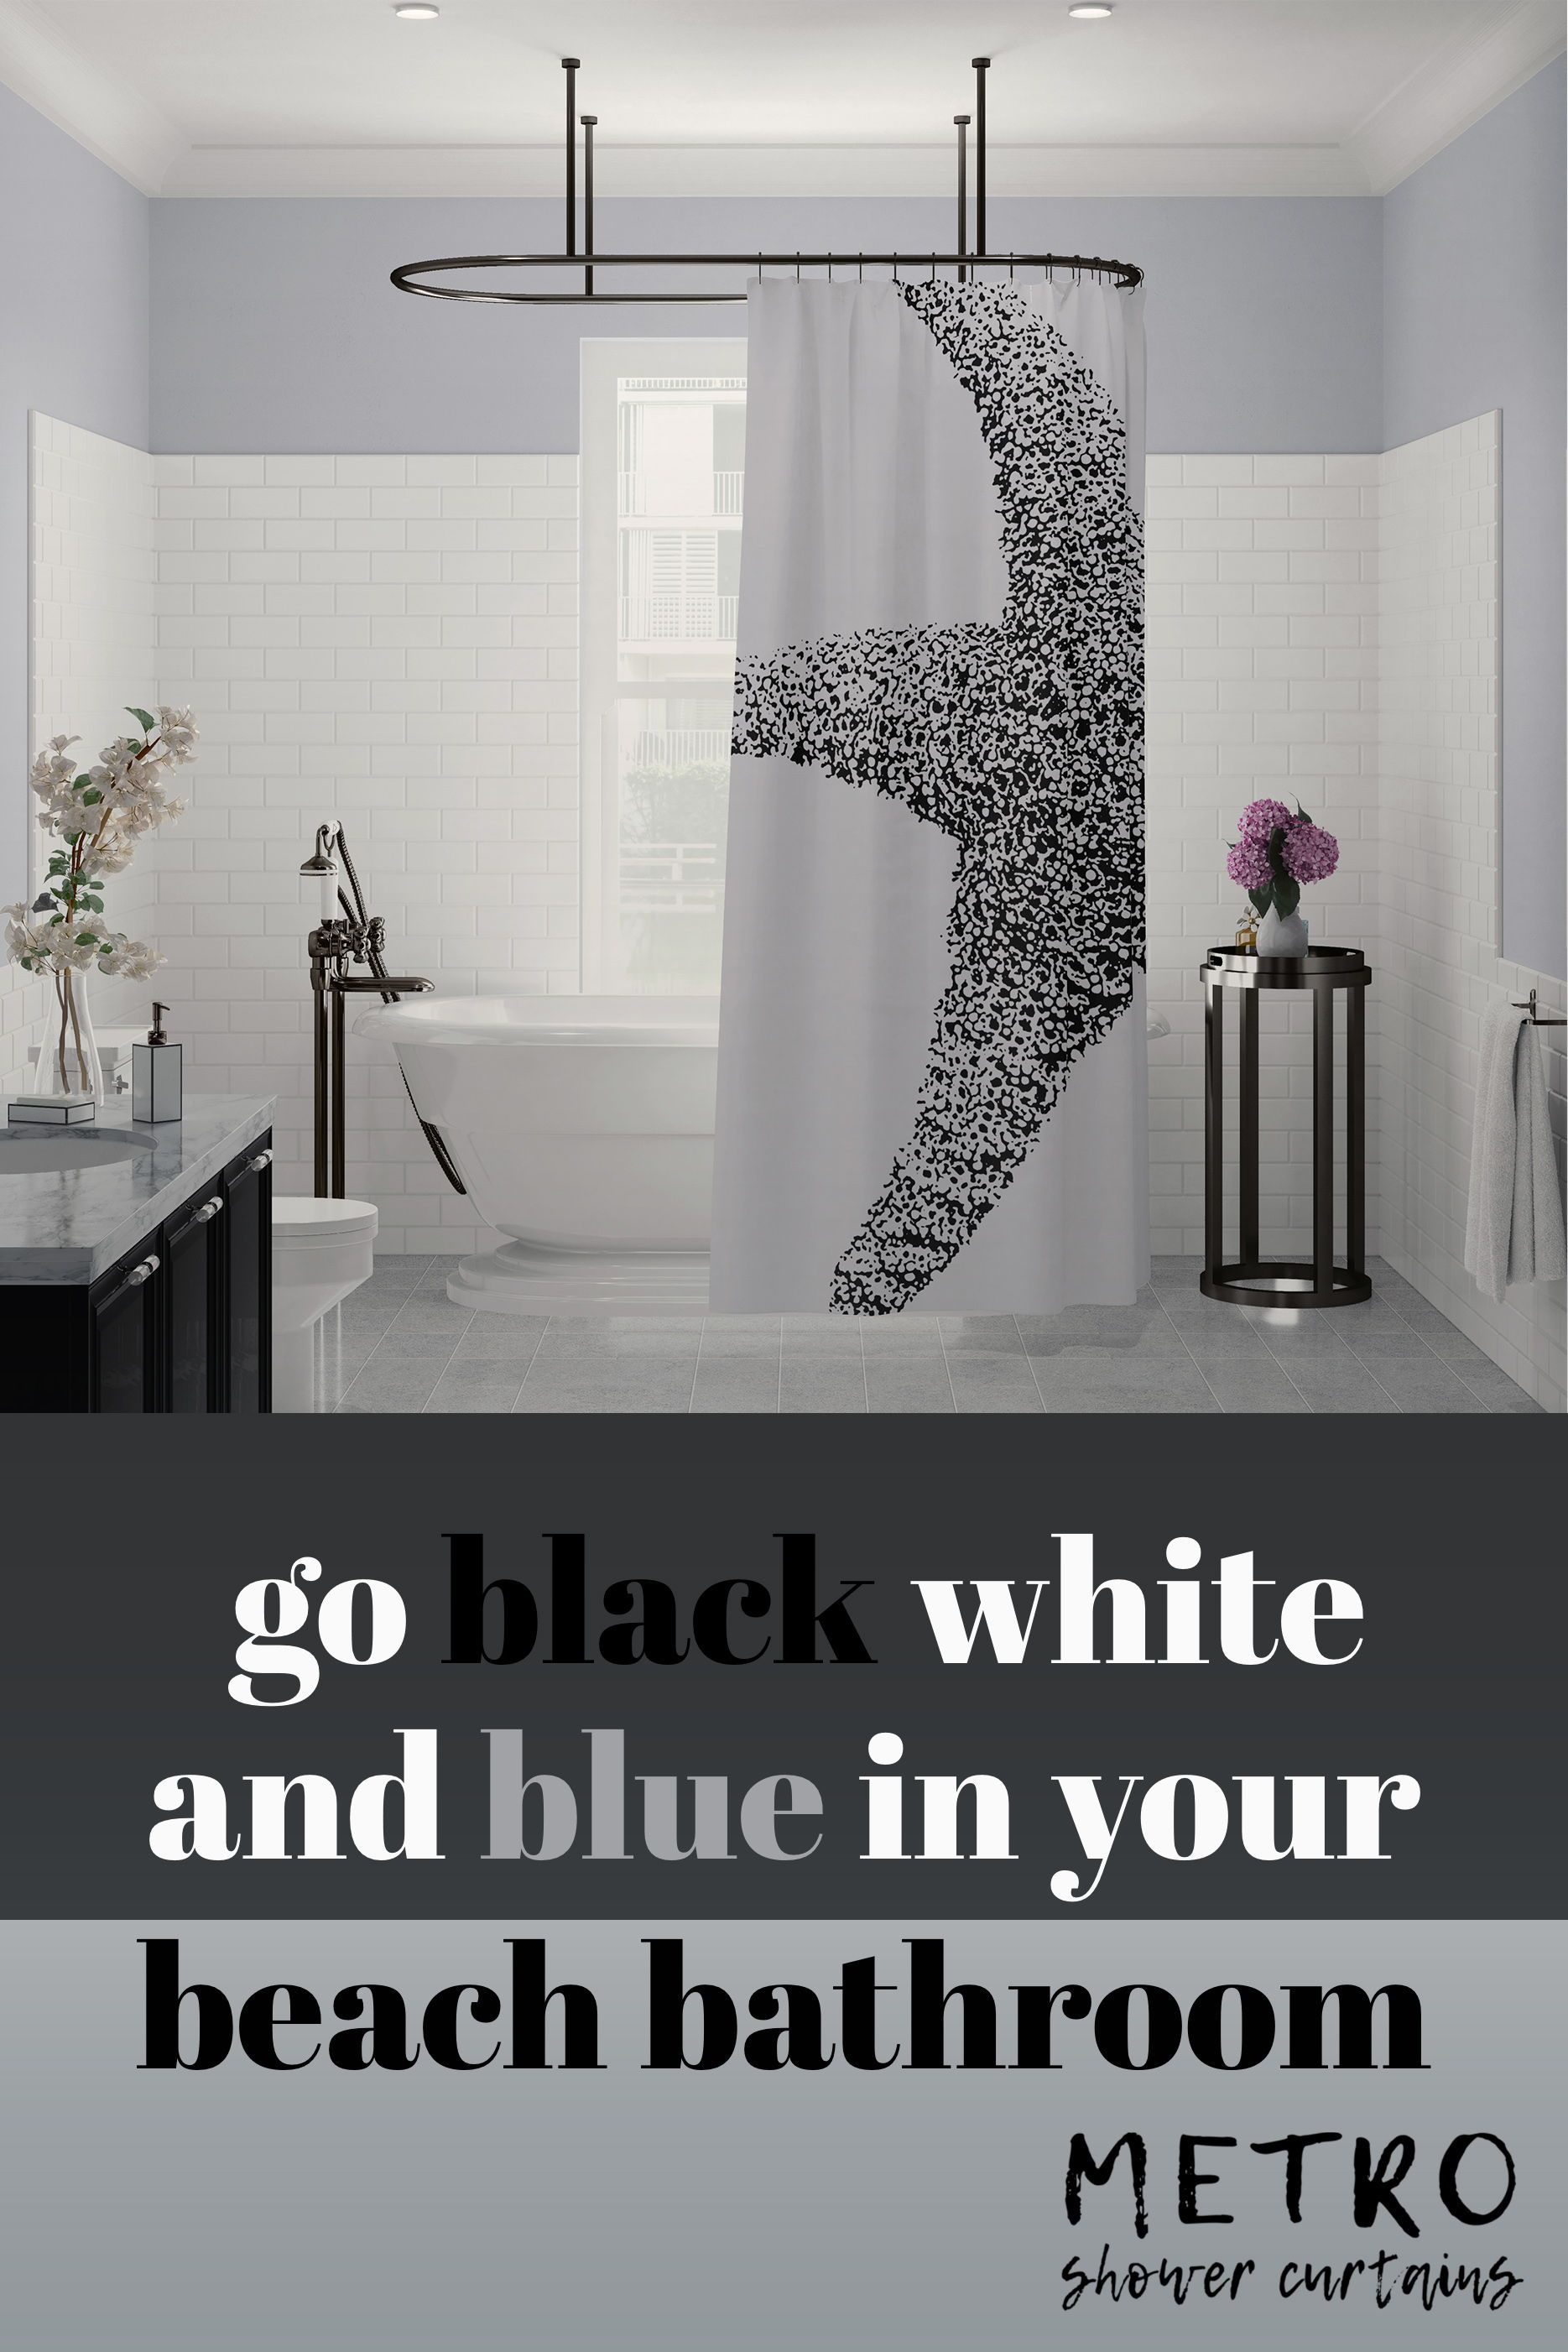 Black And White Art Print Starfish Shower Curtain Beach Bathroom Decor Cool Shower Curtains Beach Bathroom Design